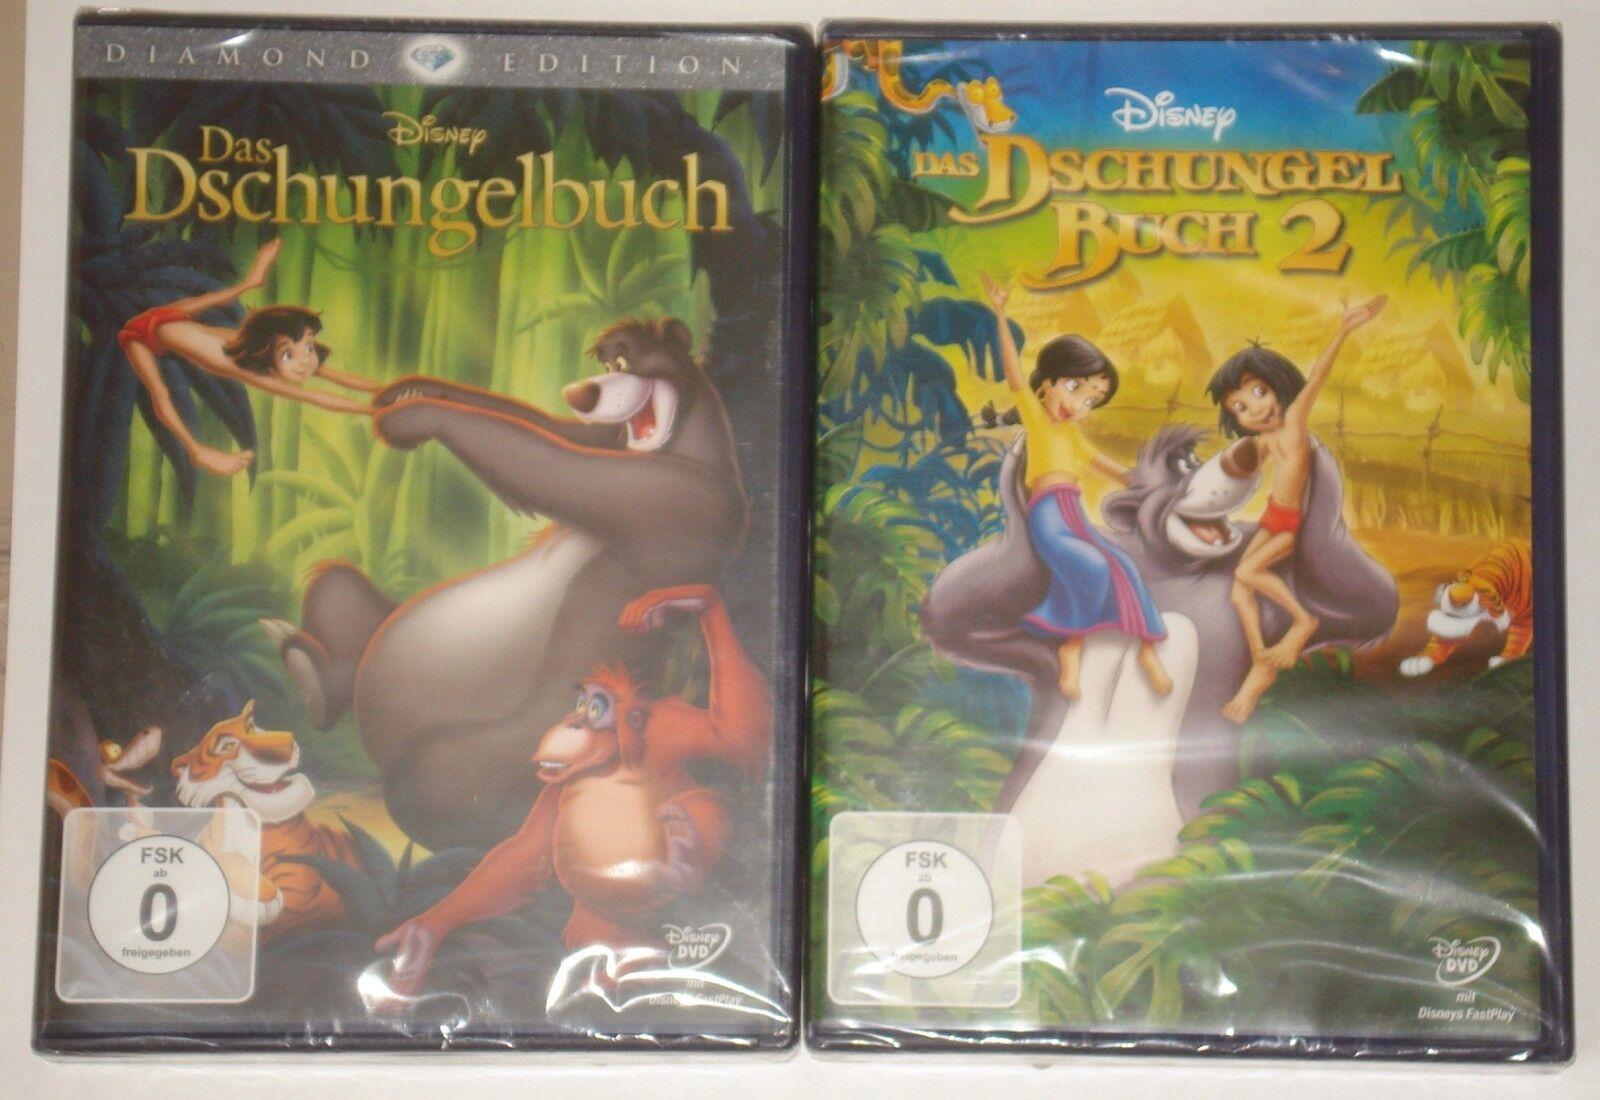 Das Dschungelbuch Teil 1 und Teil 2  DVD Dschungelbuch 1 und 2